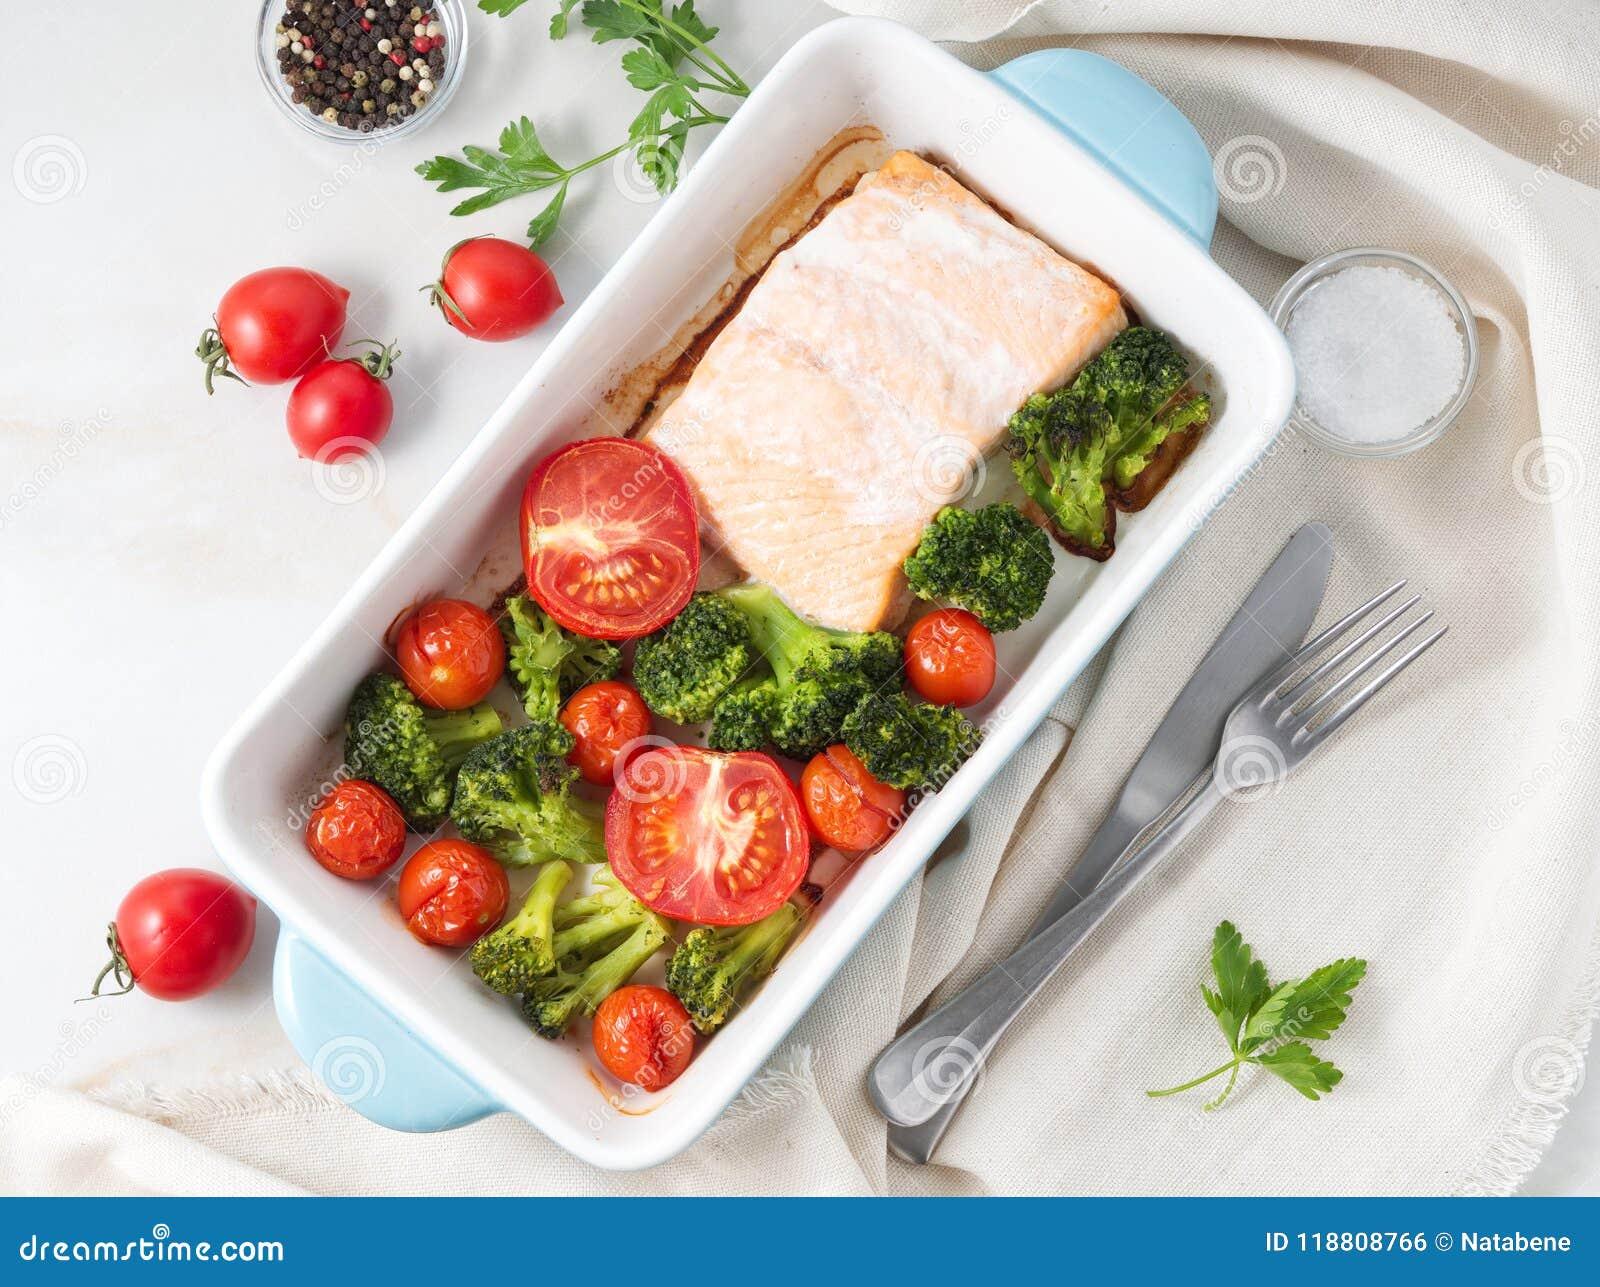 Fiska laxen som bakas i ugn med grönsaker - broccoli, tomater Sunt banta mat, den vita marmorbakgrunden, bästa sikt